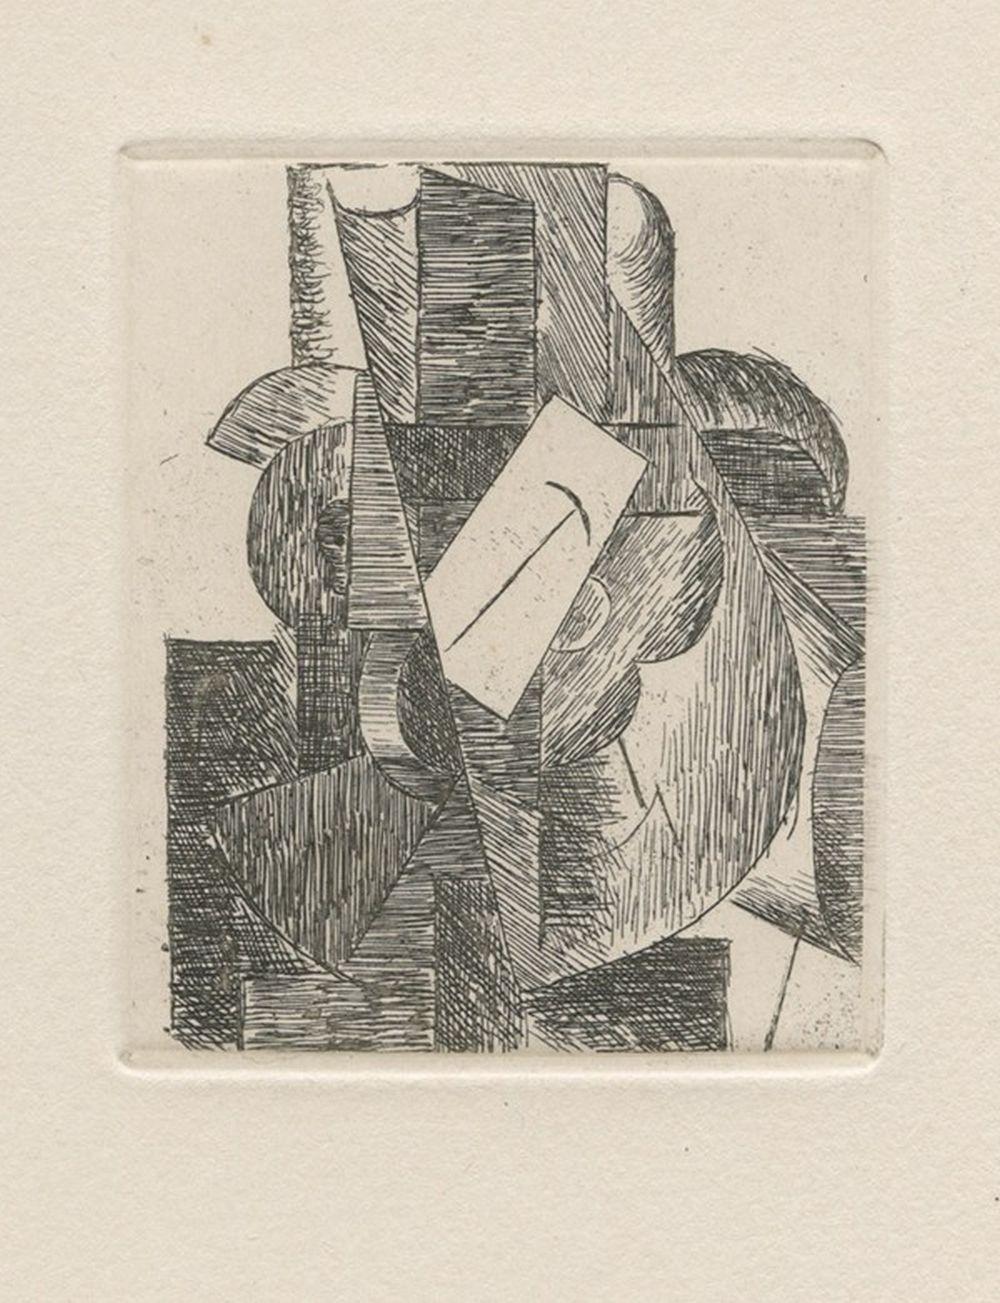 Pablo Picasso - L'homme au chapeau